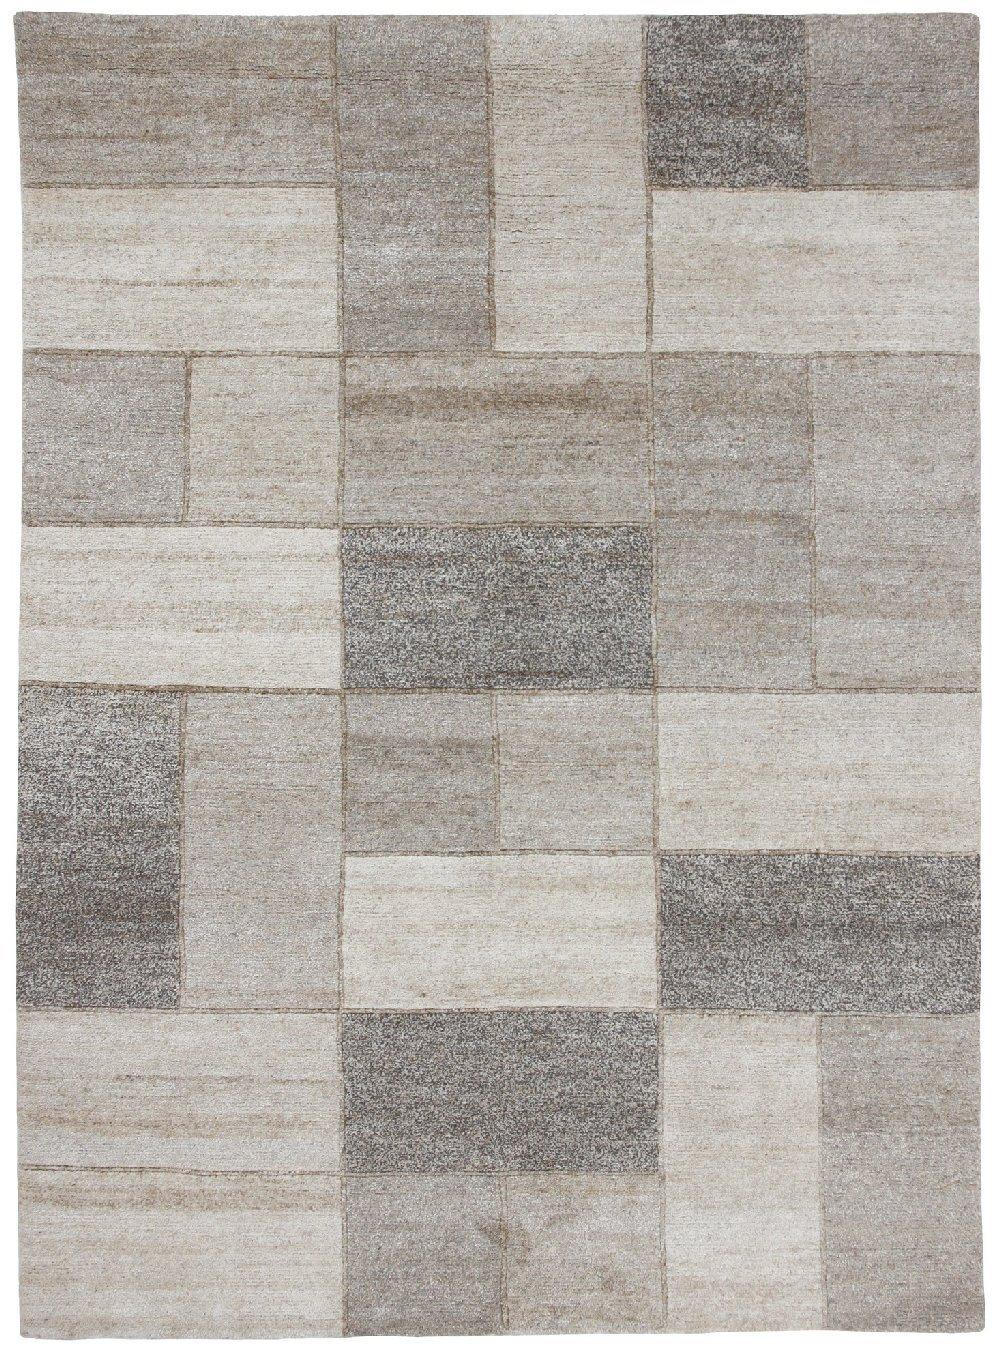 """TEPPICHWELT SONA-LUX Nepal Teppich handgeknüpft natur """"Größe auswählen"""" 70 x 140 cm"""